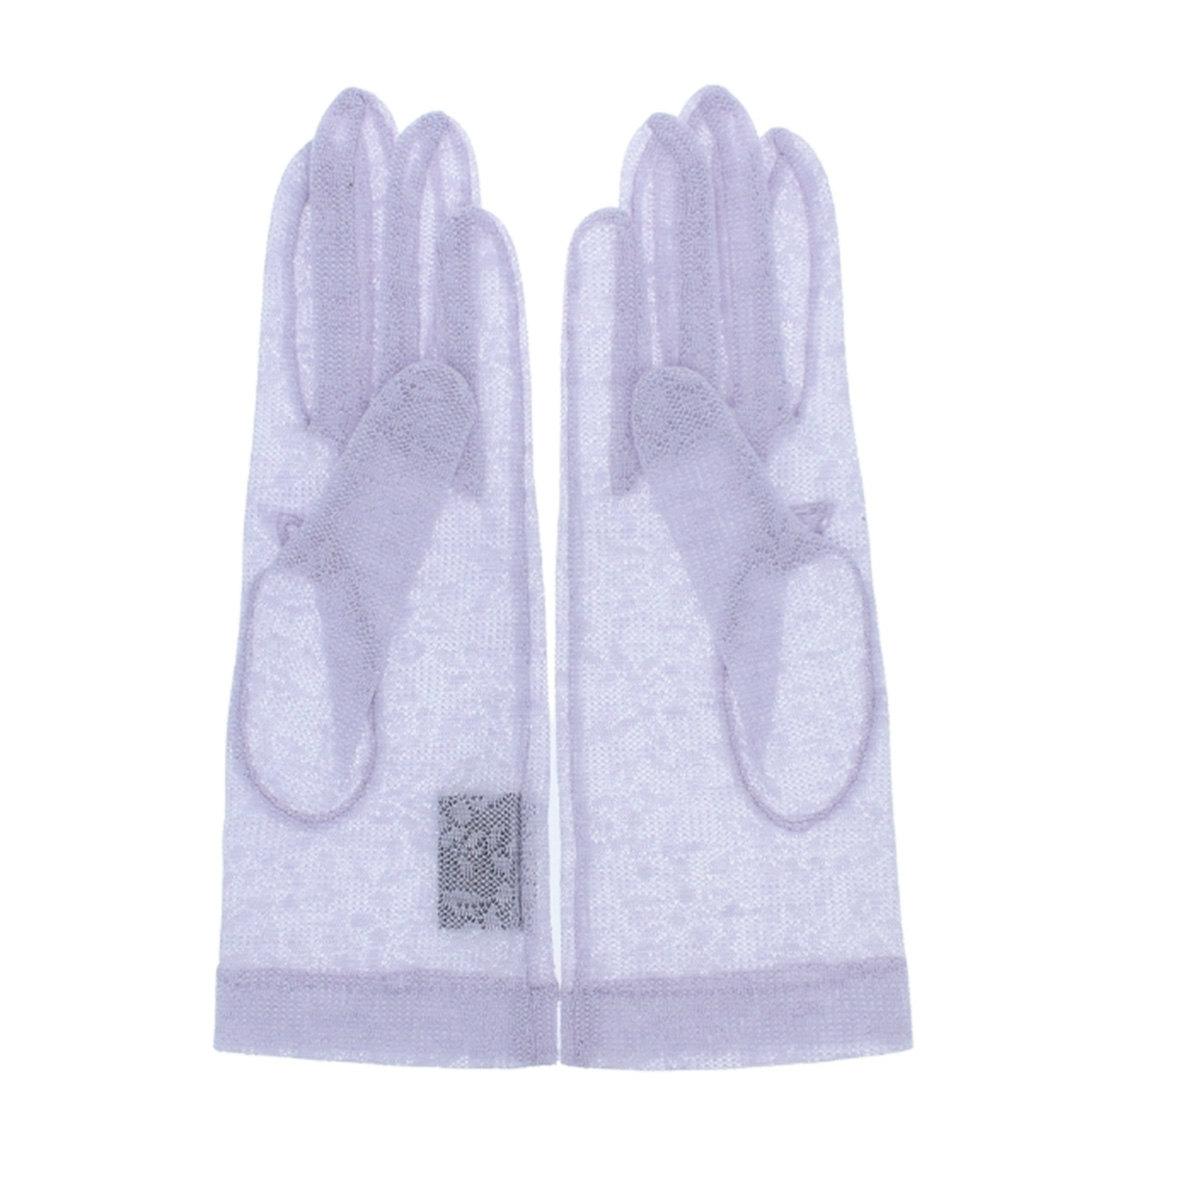 アルタクラッセ UV手袋 UVカット 紫外線対策 シルク ショート丈 24cm パーティ フォーマル 五本指 日本製 エレガント 花柄 上品 フェミニン プレゼント ギフト